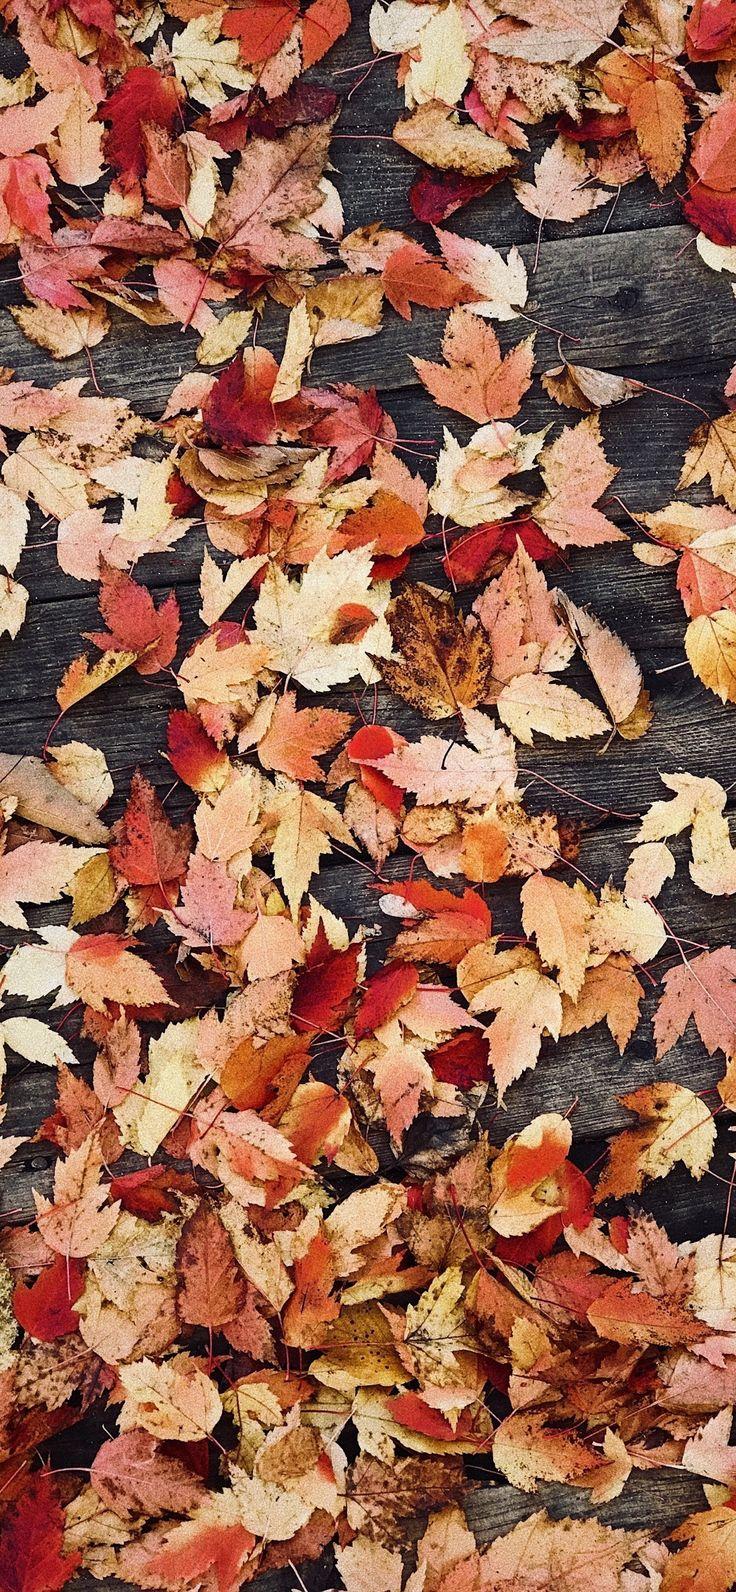 Iphone Xr Wallpaper Autumn ipcwallpapers Wallpaper